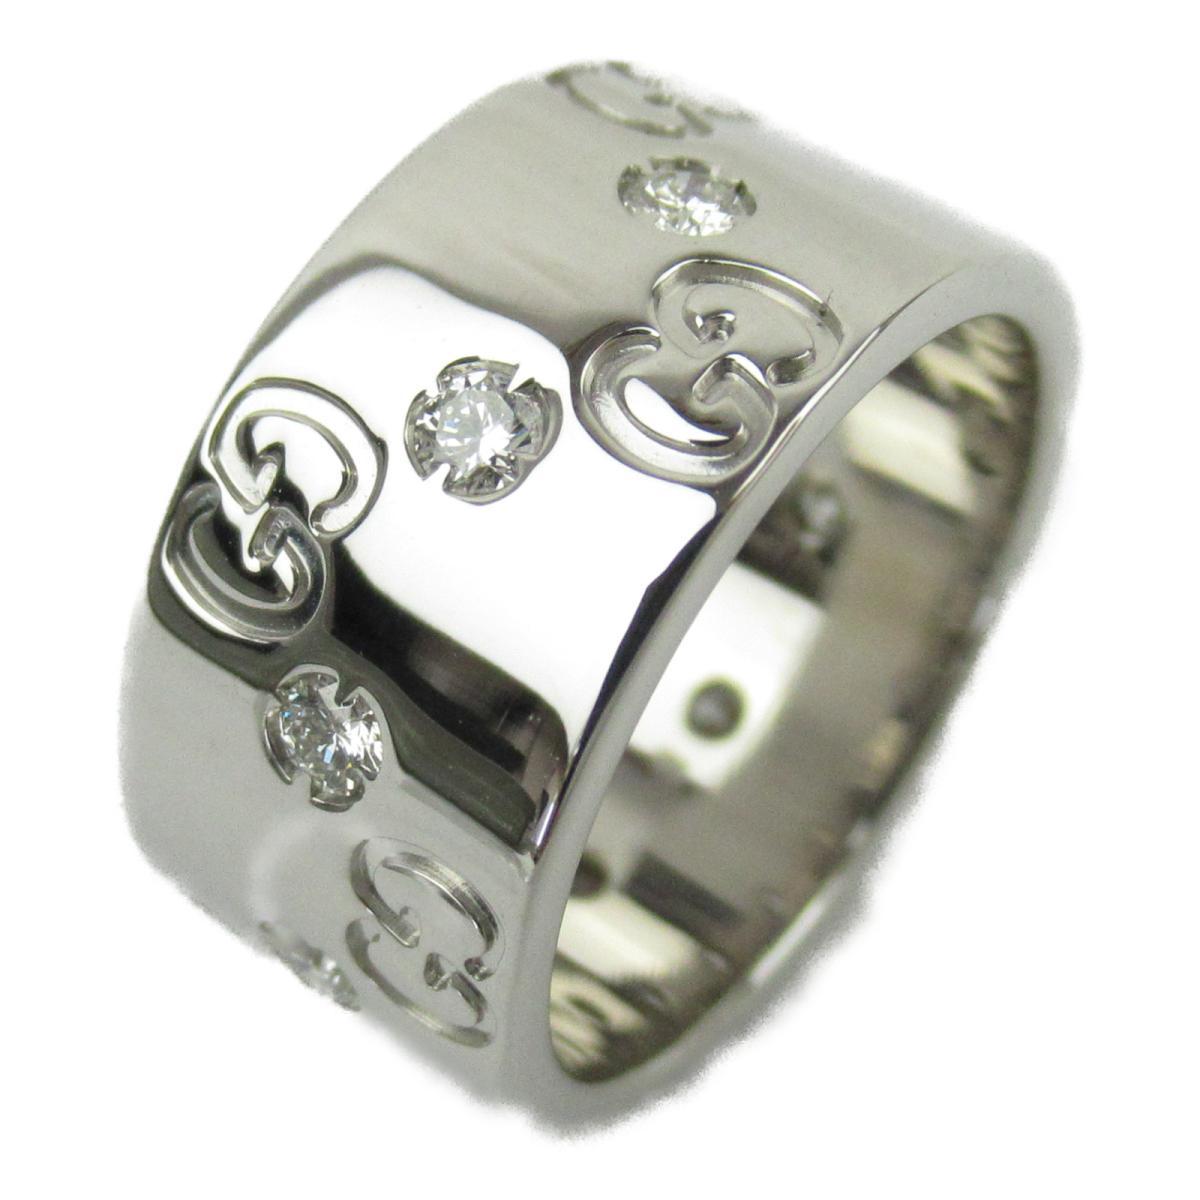 グッチ アイコン ダイヤモンド リング 指輪 ブランドジュエリー レディース K18WG (750) ホワイトゴールド x 【中古】 | GUCCI BRANDOFF ブランドオフ ブランド ジュエリー アクセサリー